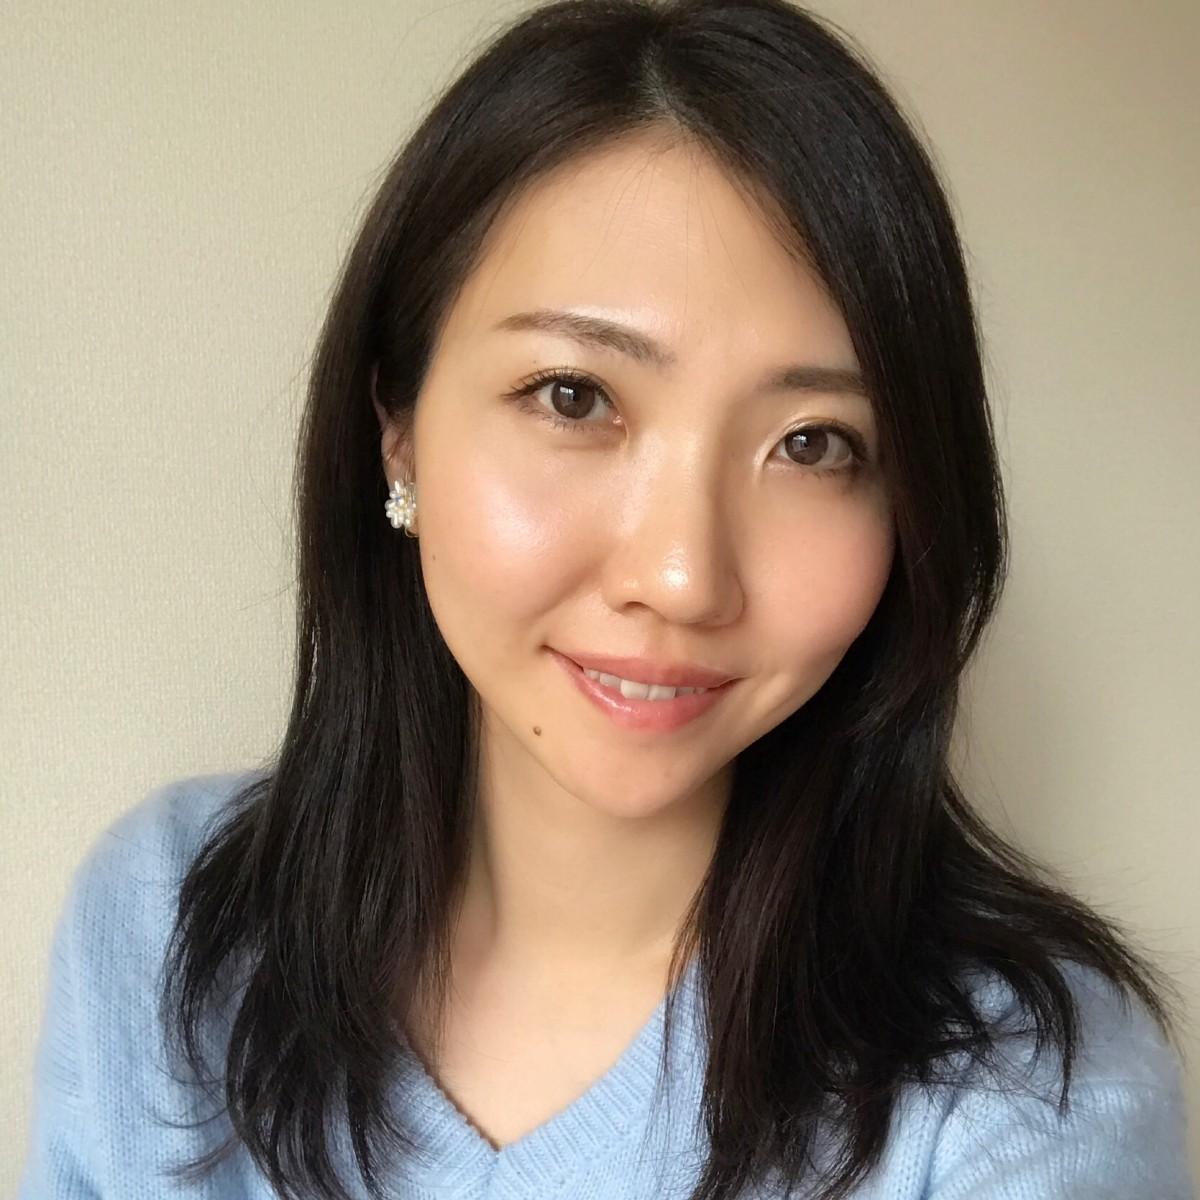 【ご挨拶&自己紹介】2017年チーム★美セレブ えみです!